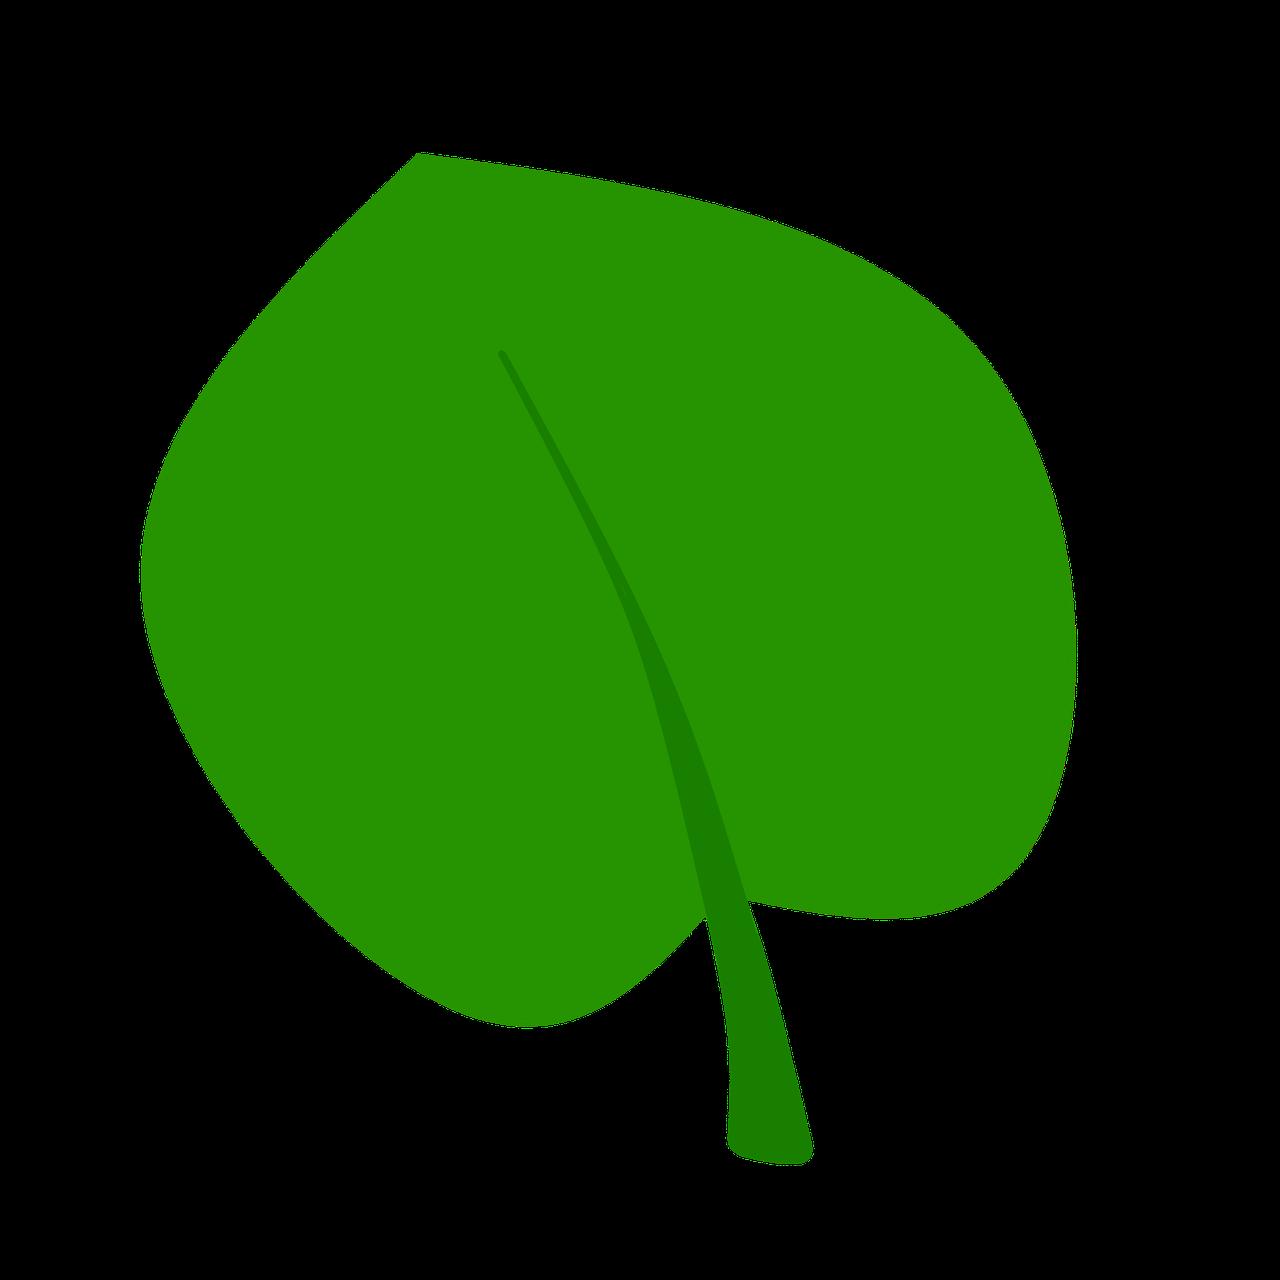 картинка с листочками зеленые